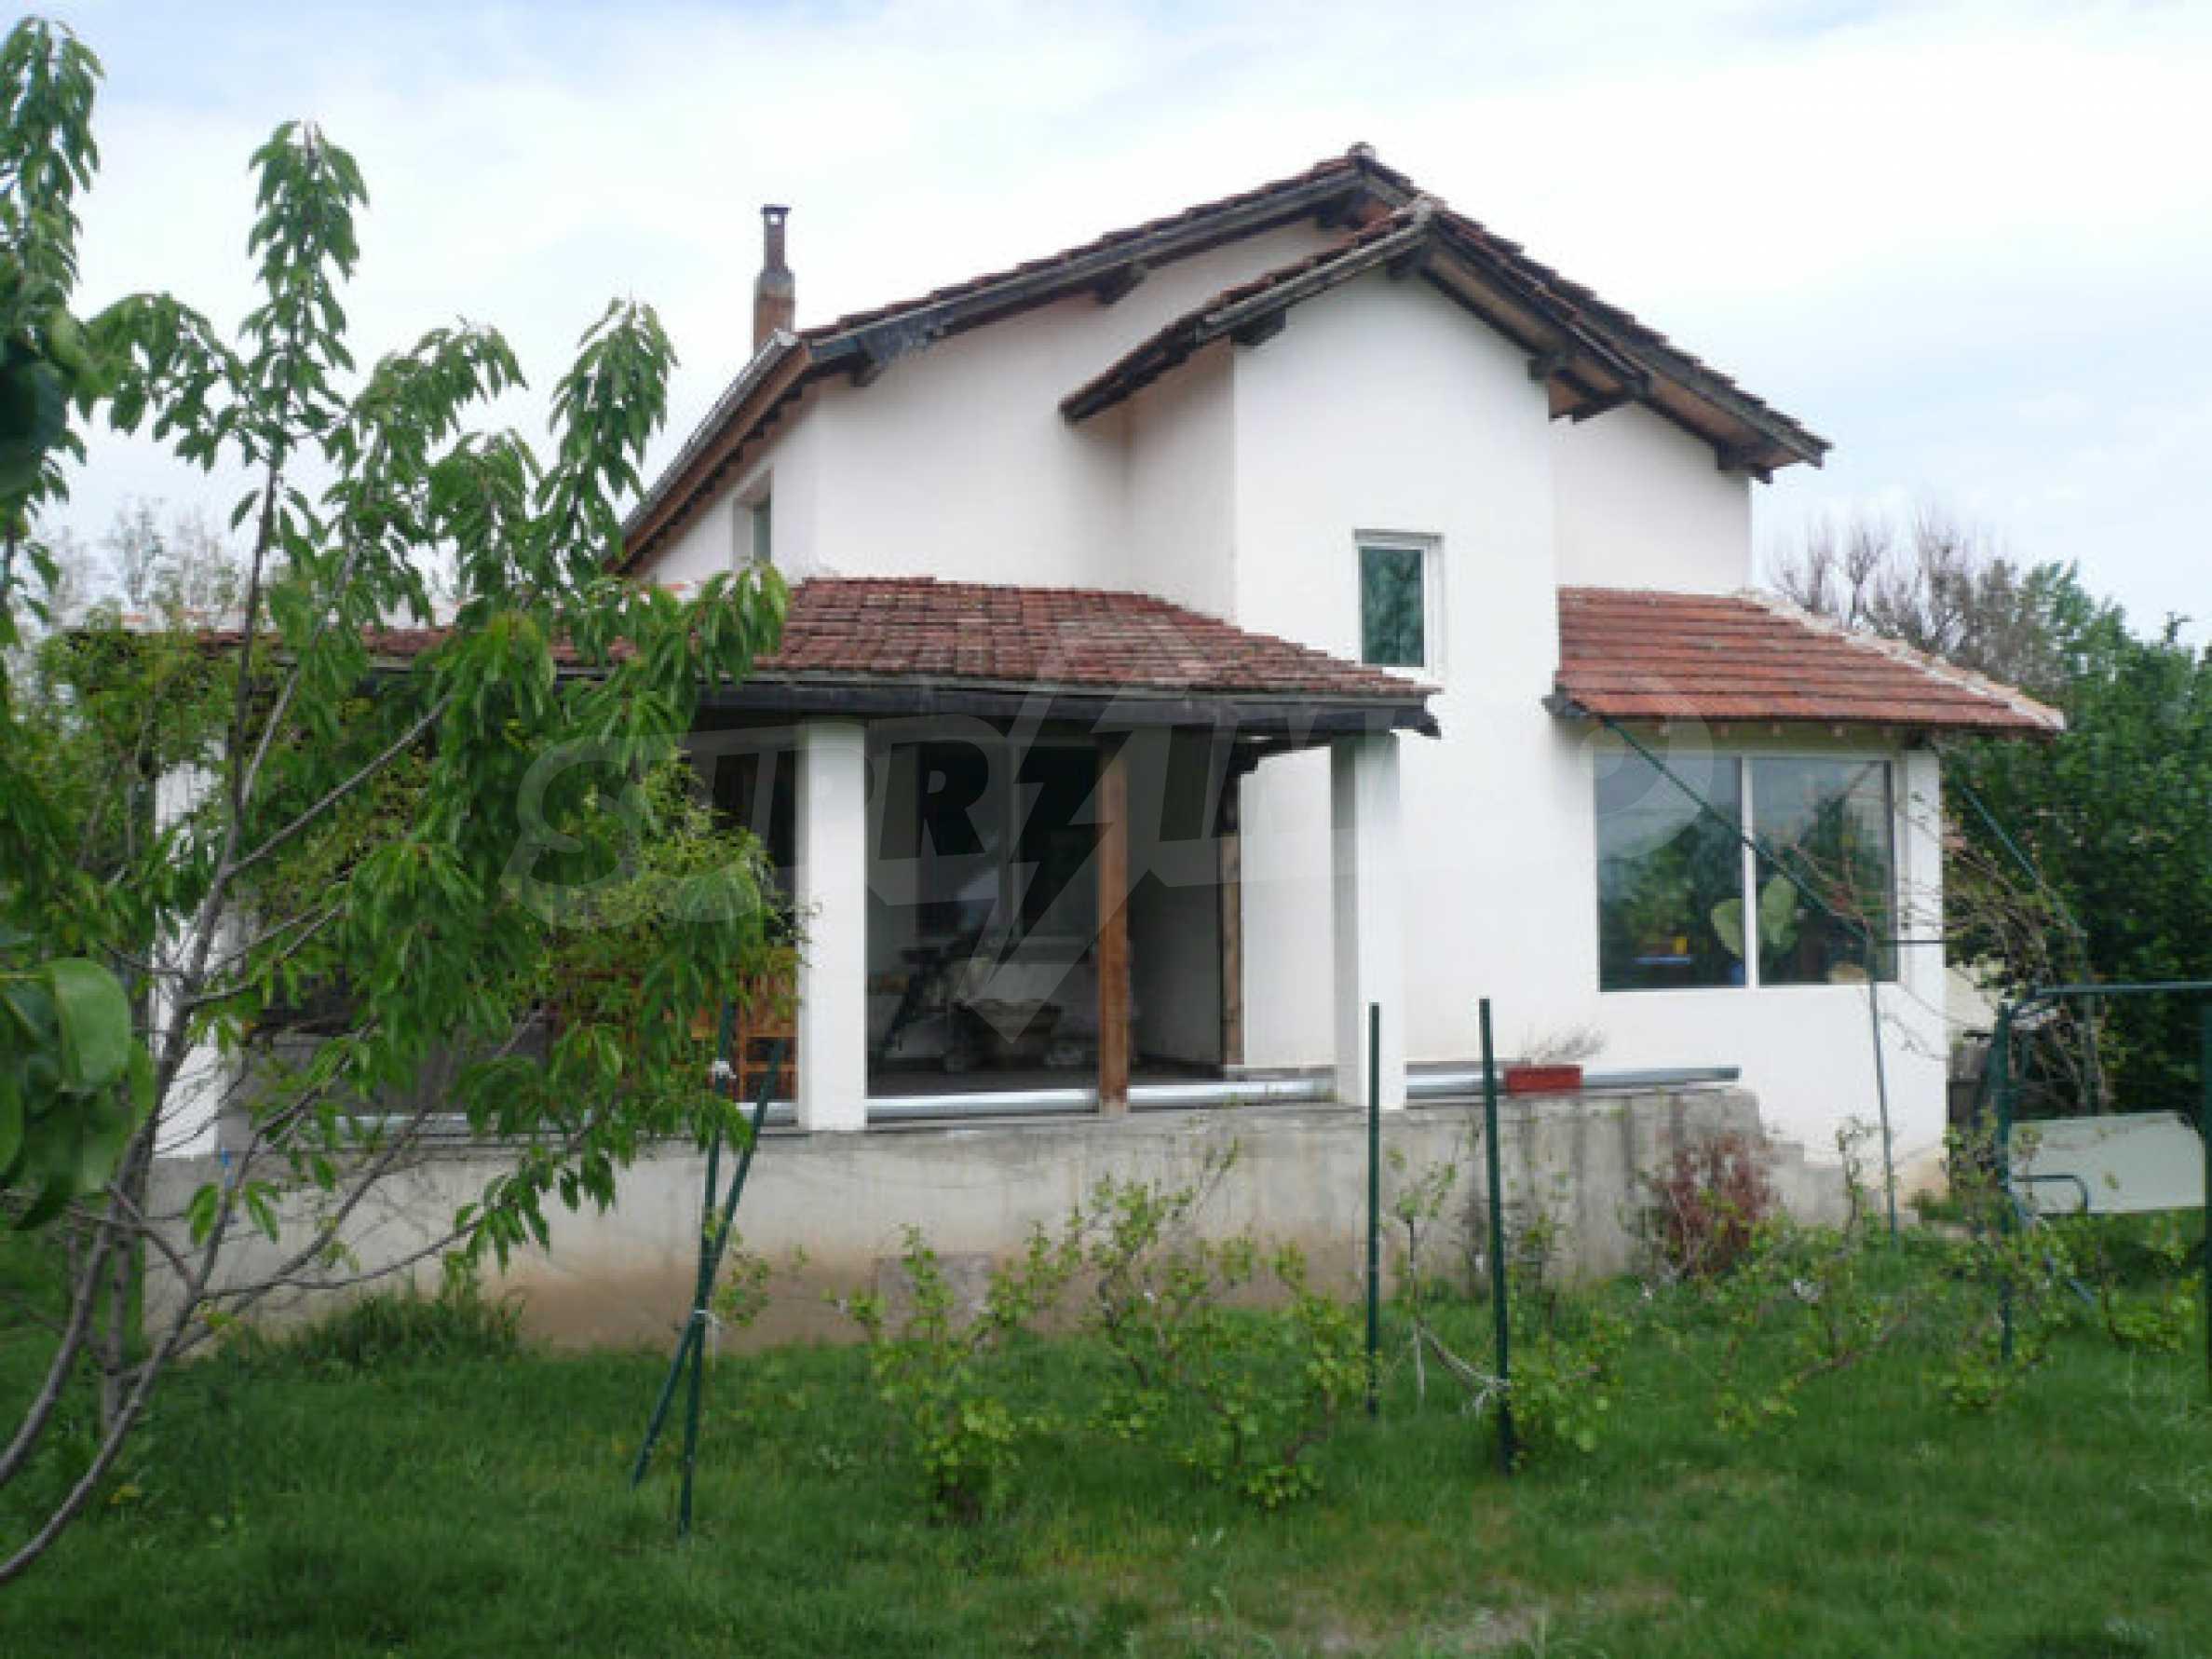 Solides Haus in sehr gutem Zustand, 30 km von Vidin 6